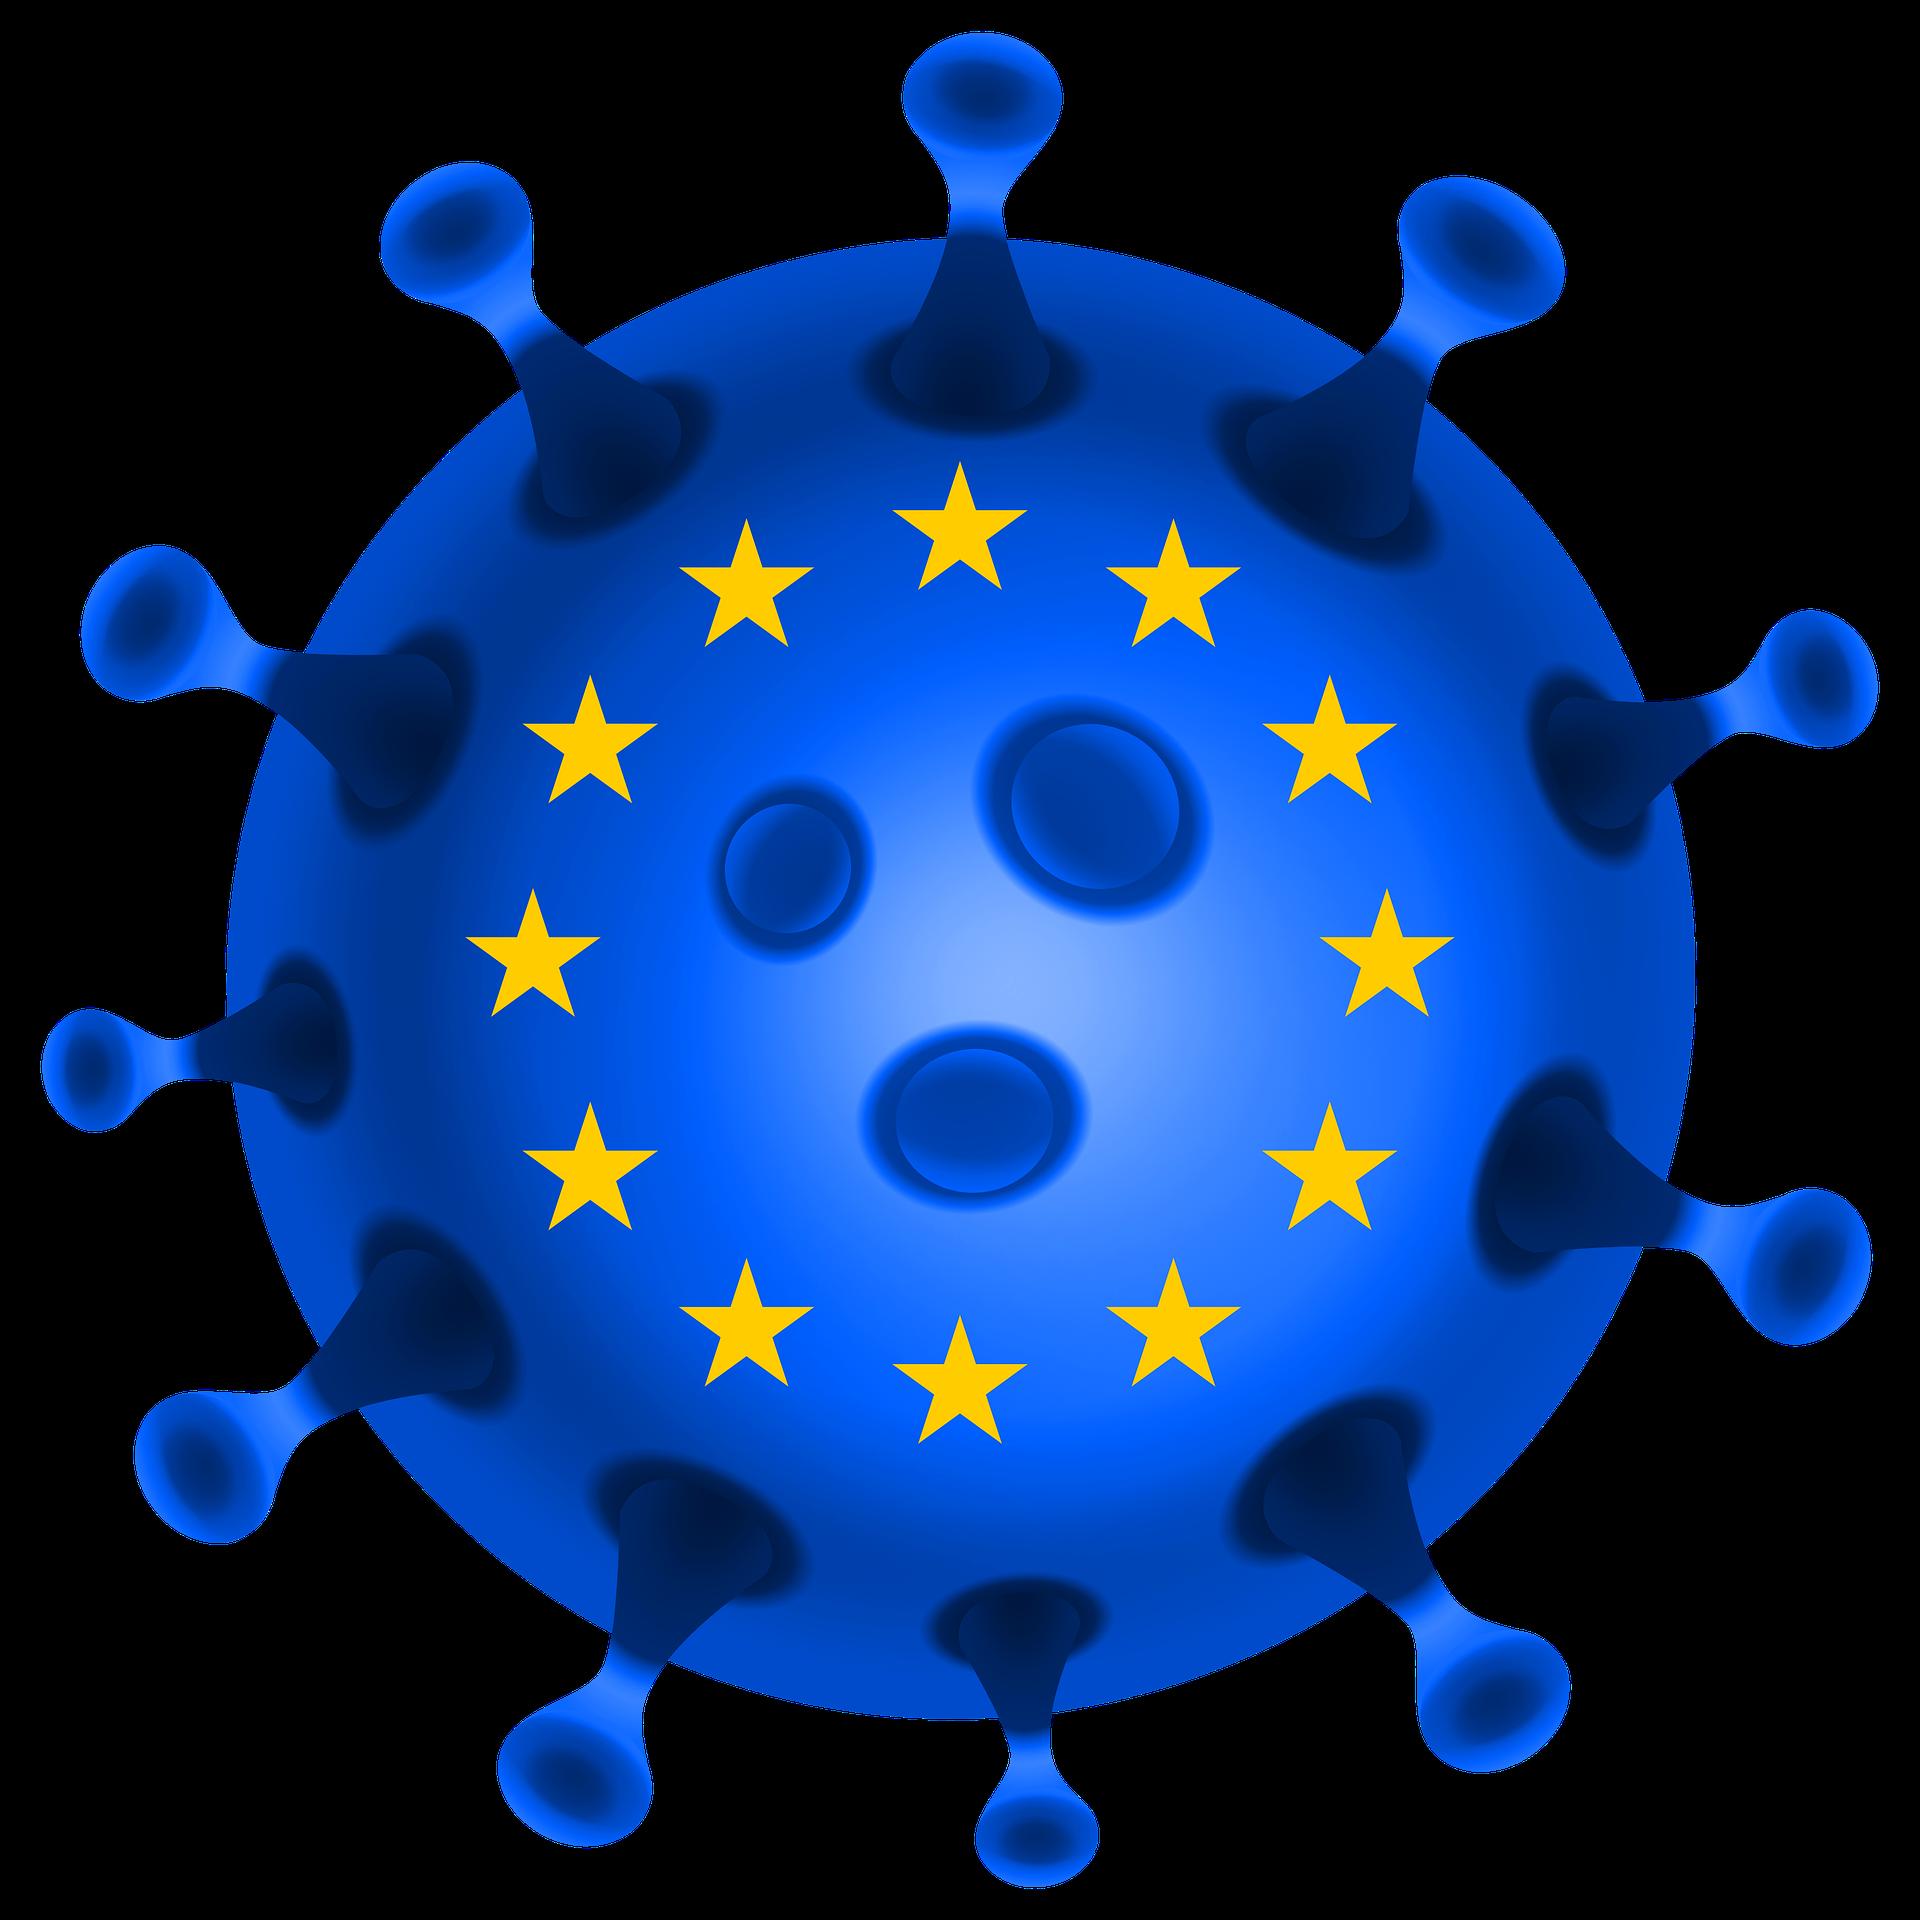 L'UE face au coronavirus : comment financer l'économie européenne en temps de crise ?